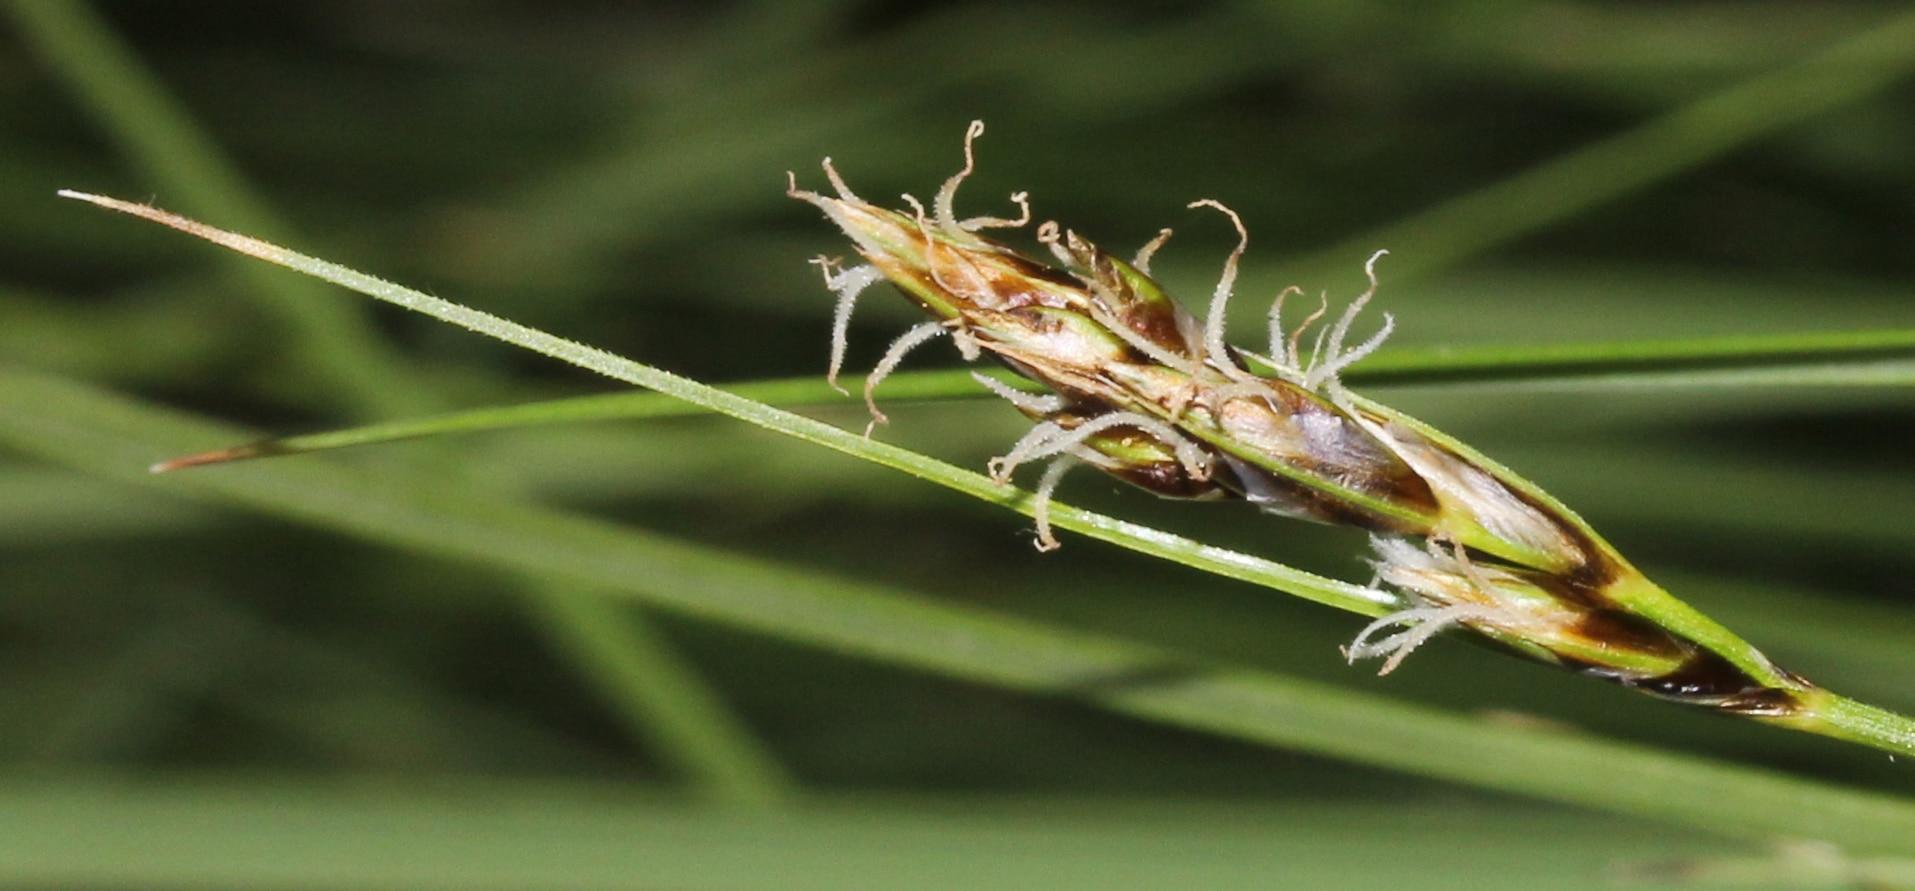 Vista del Carex divisa